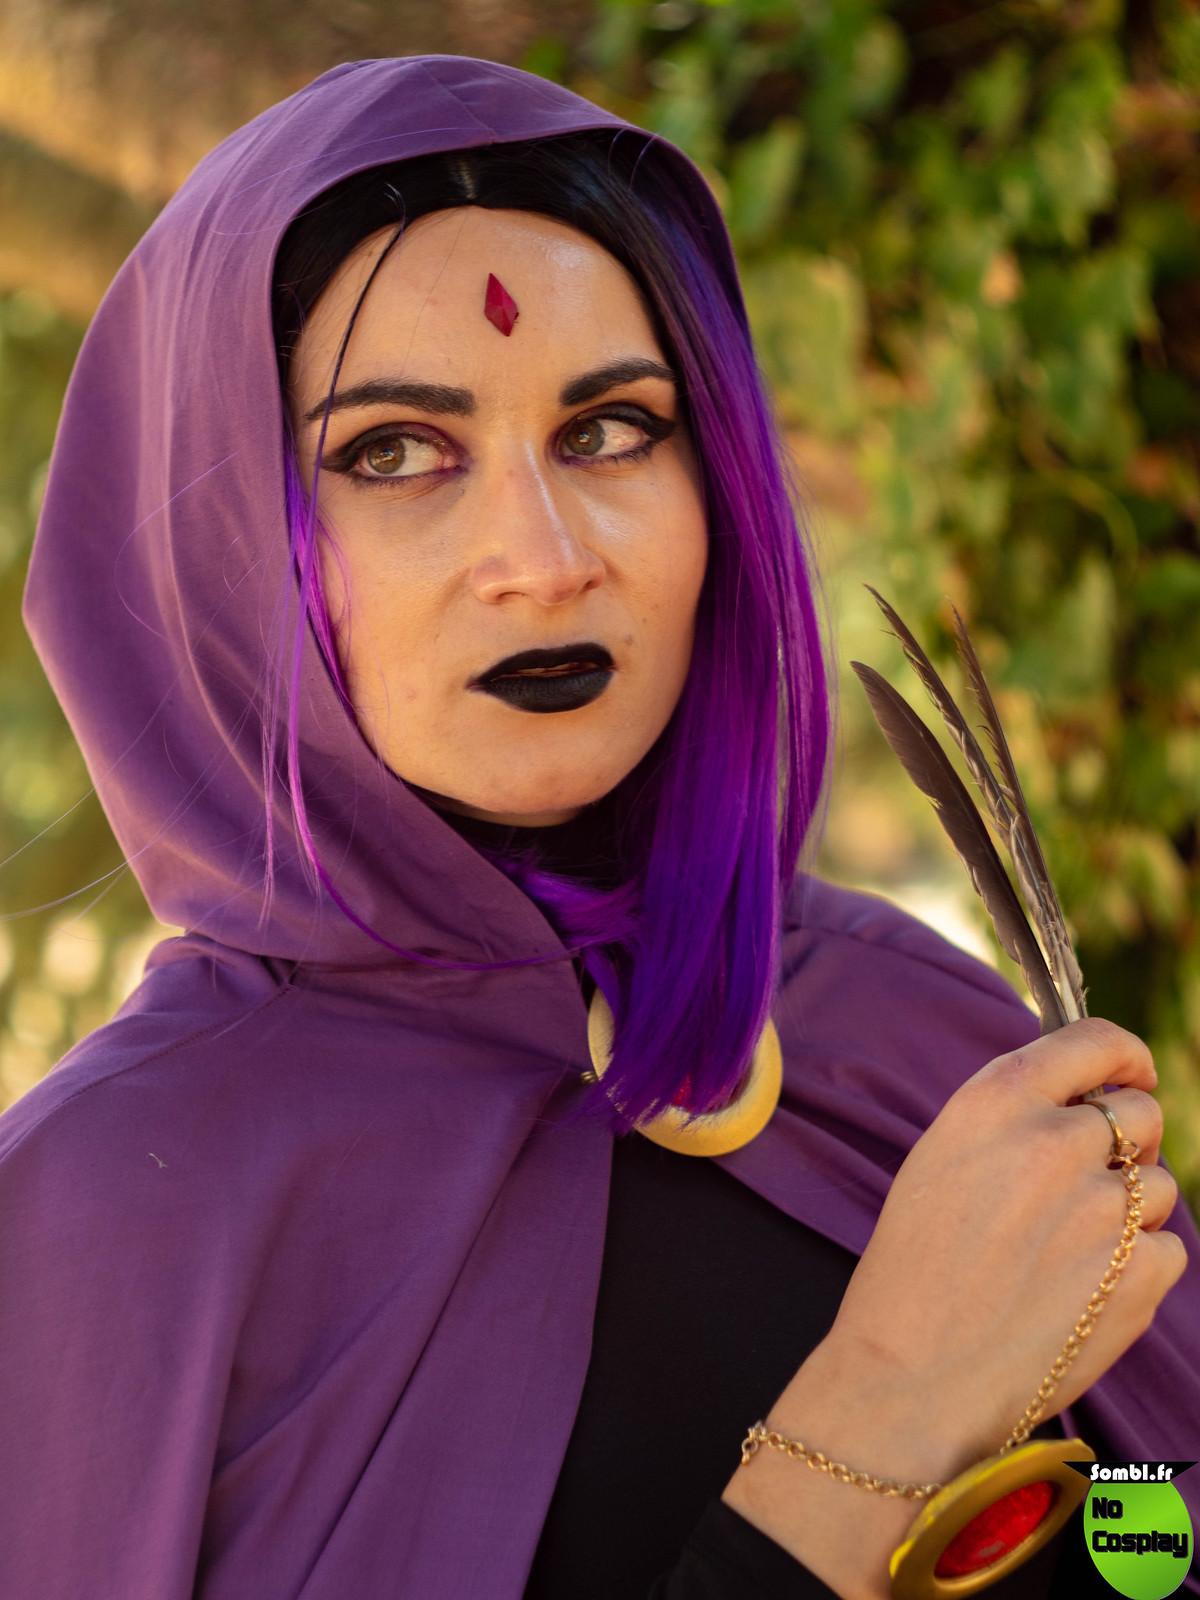 cosplay Raven